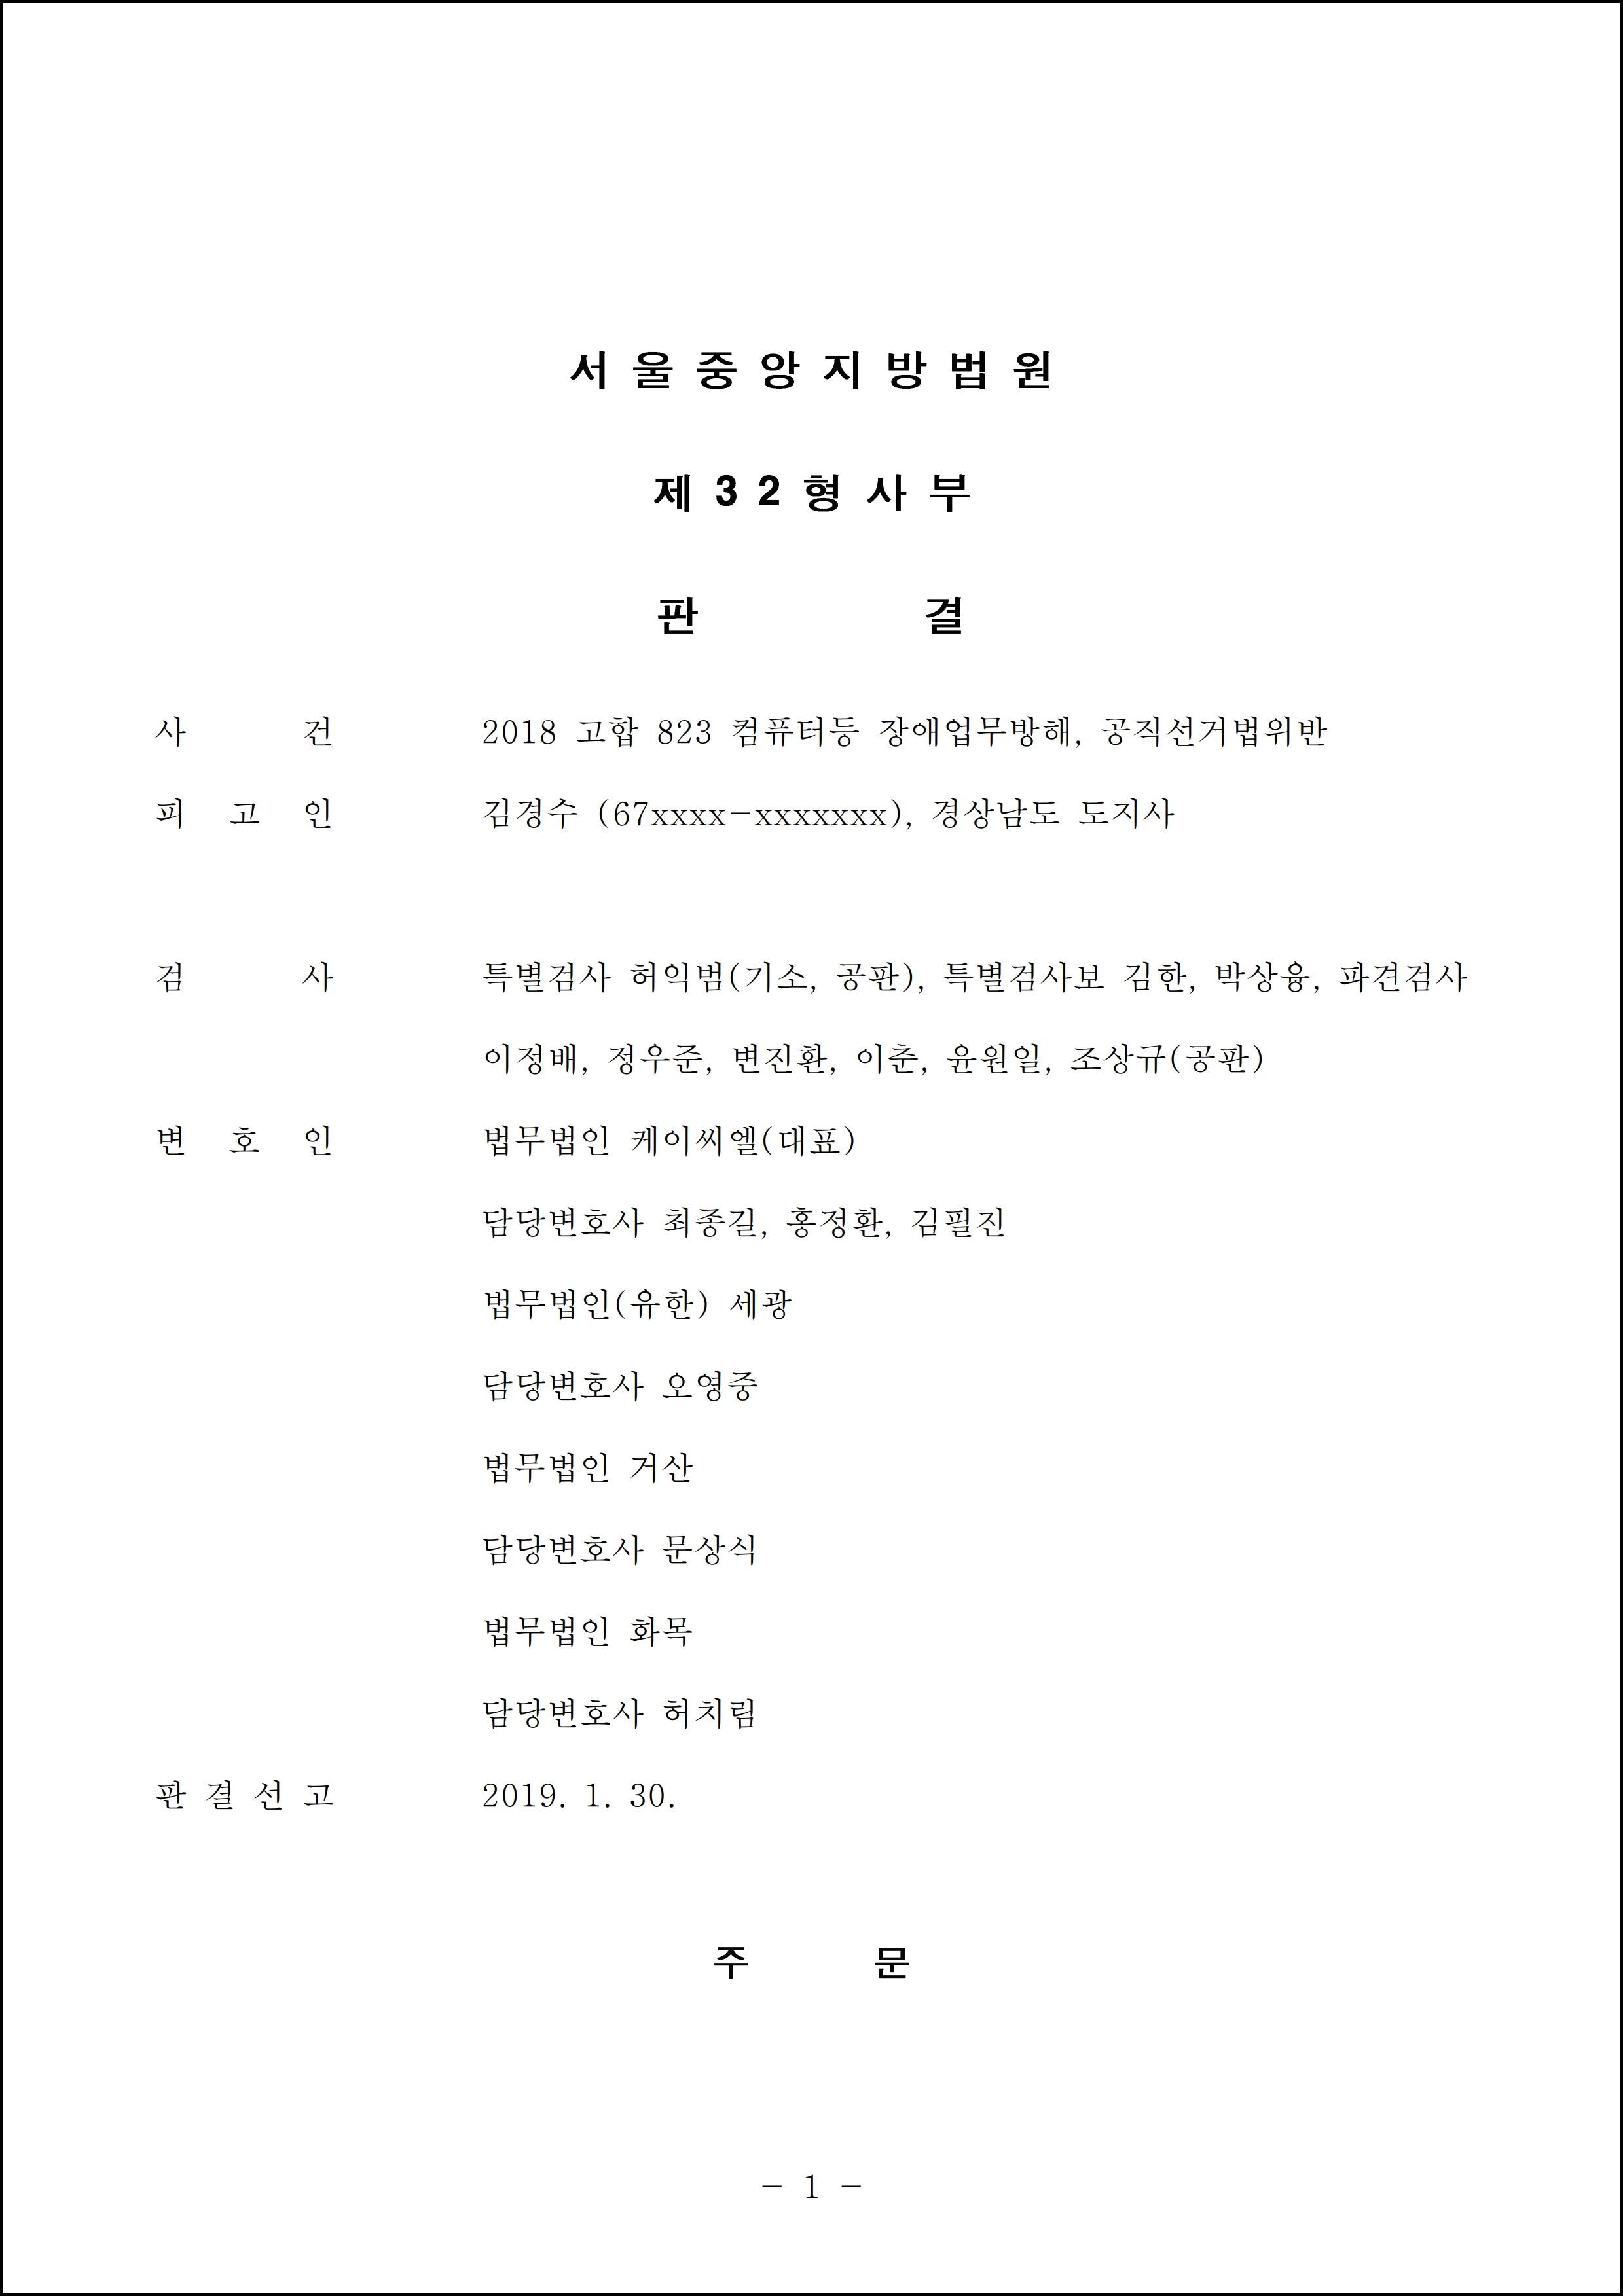 김경수 1심 판결문